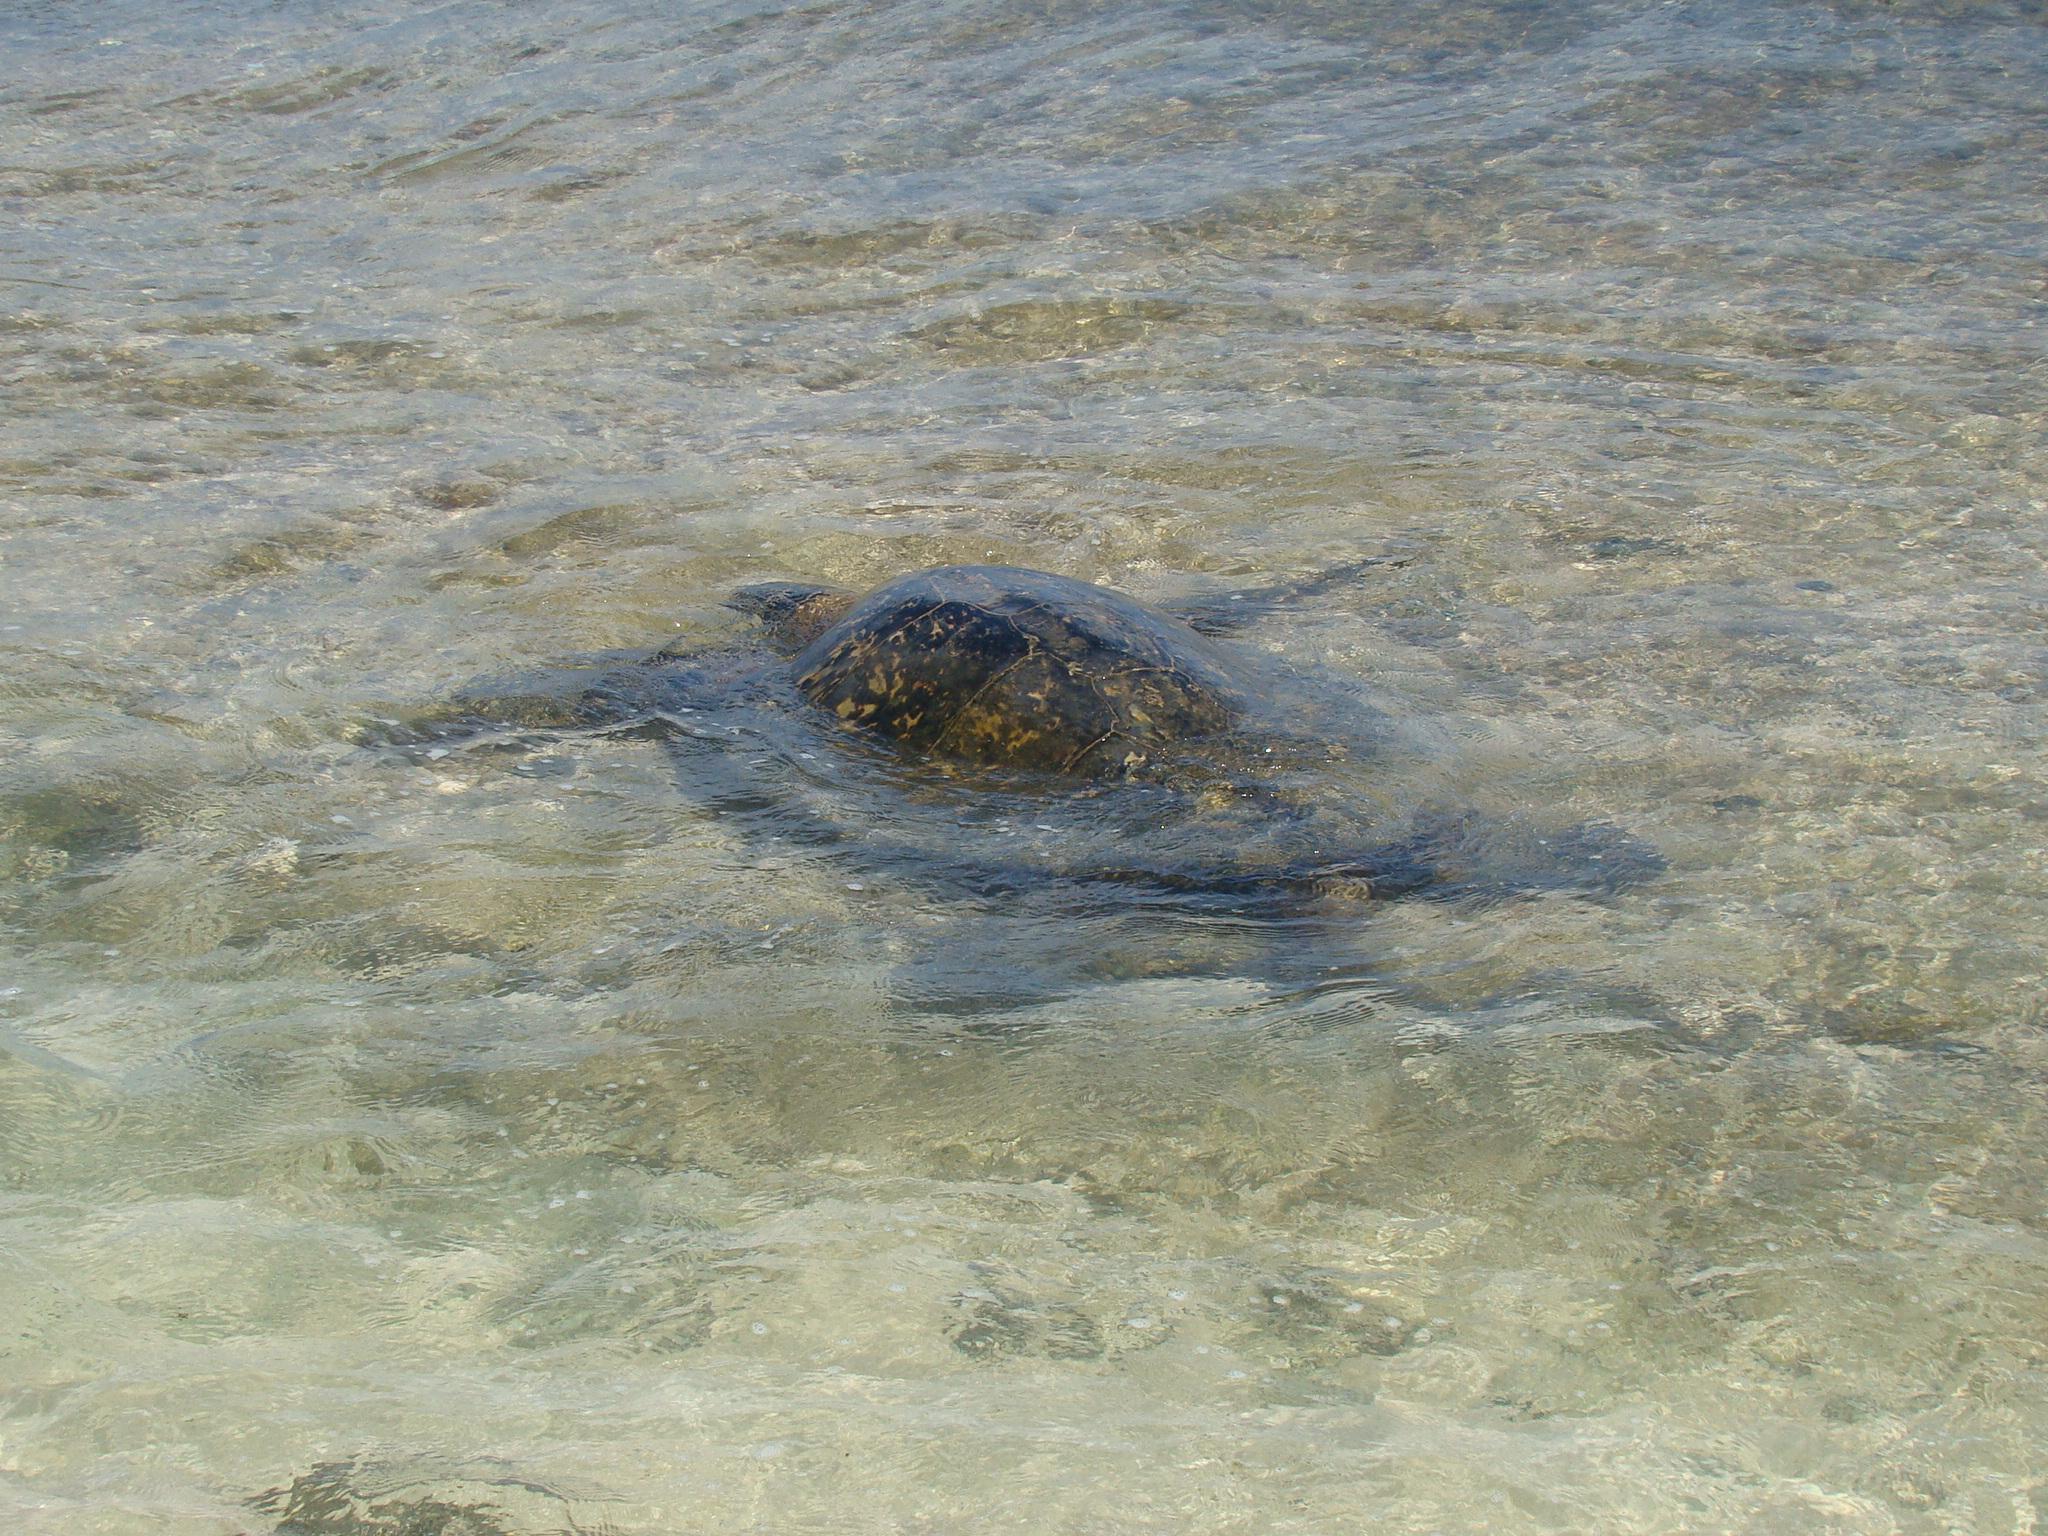 Sea Turtle Near Shore on Poipu Beach